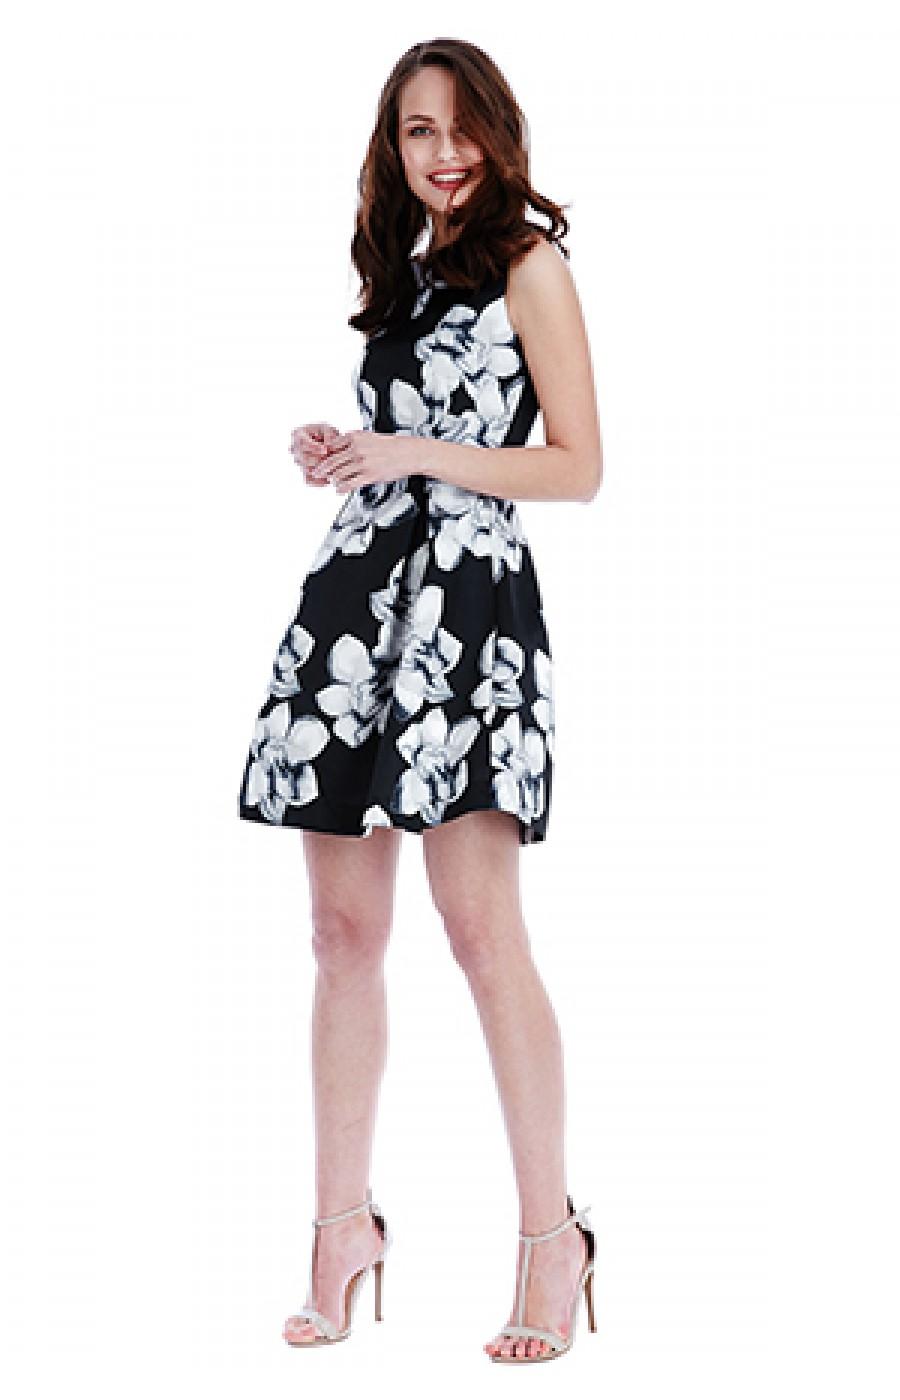 μαυρο κοντο φορεμα με λευκα λουλουδια